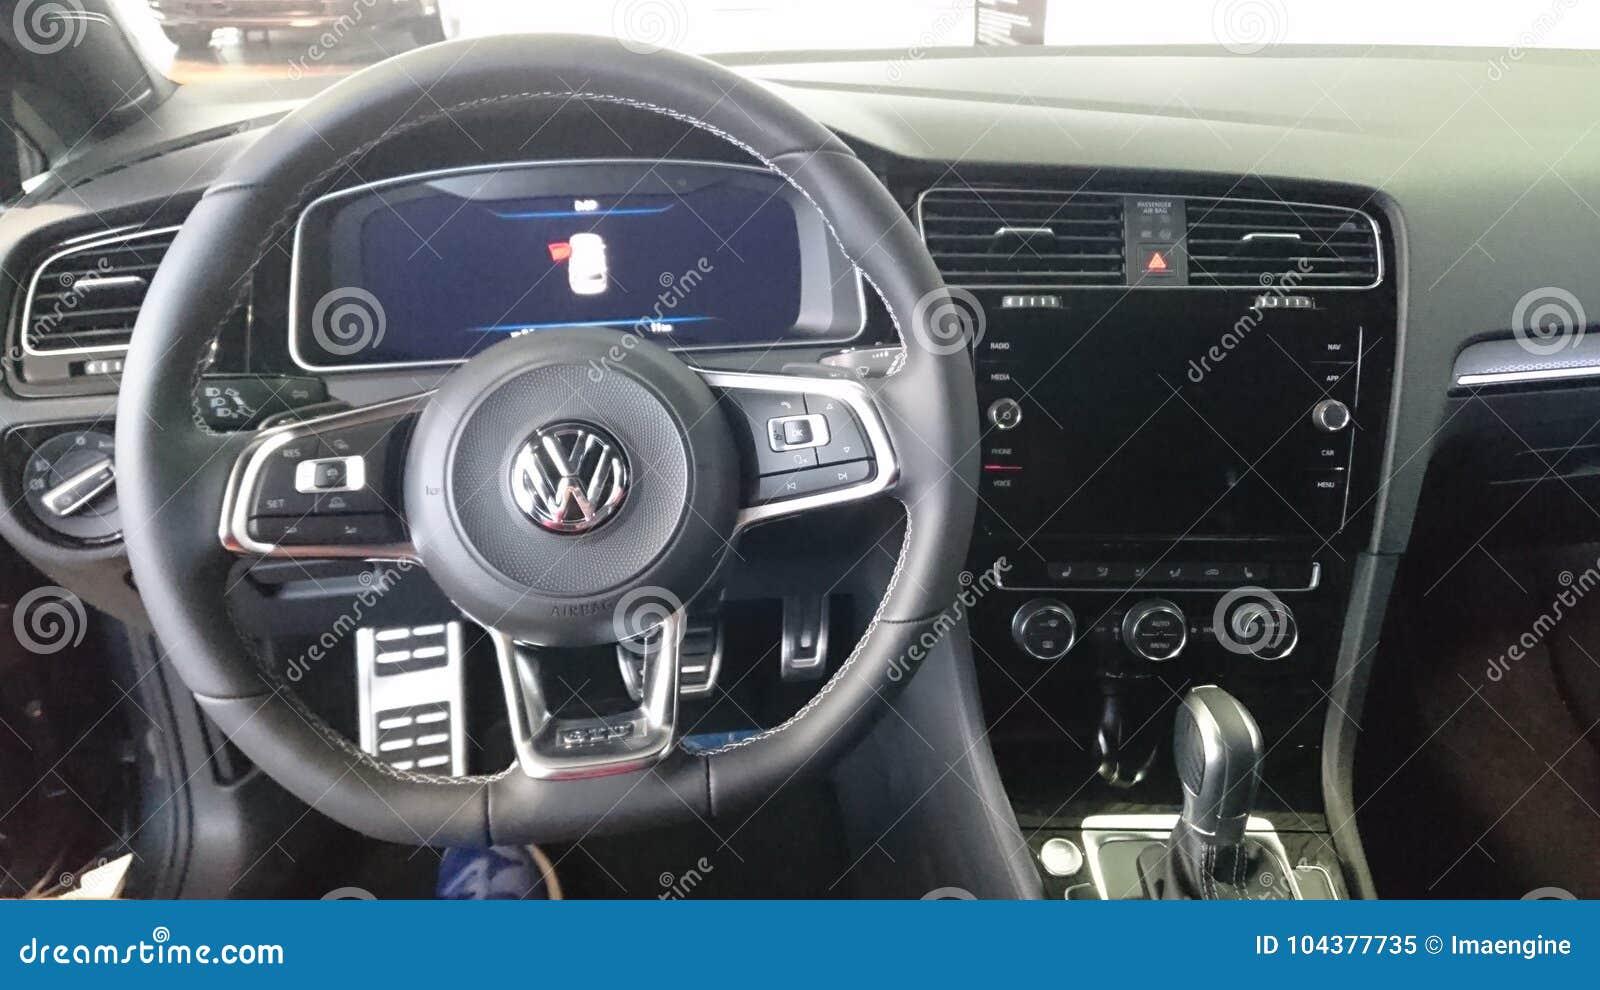 vw golf gtd hot hatch interior dashboard details editorial. Black Bedroom Furniture Sets. Home Design Ideas